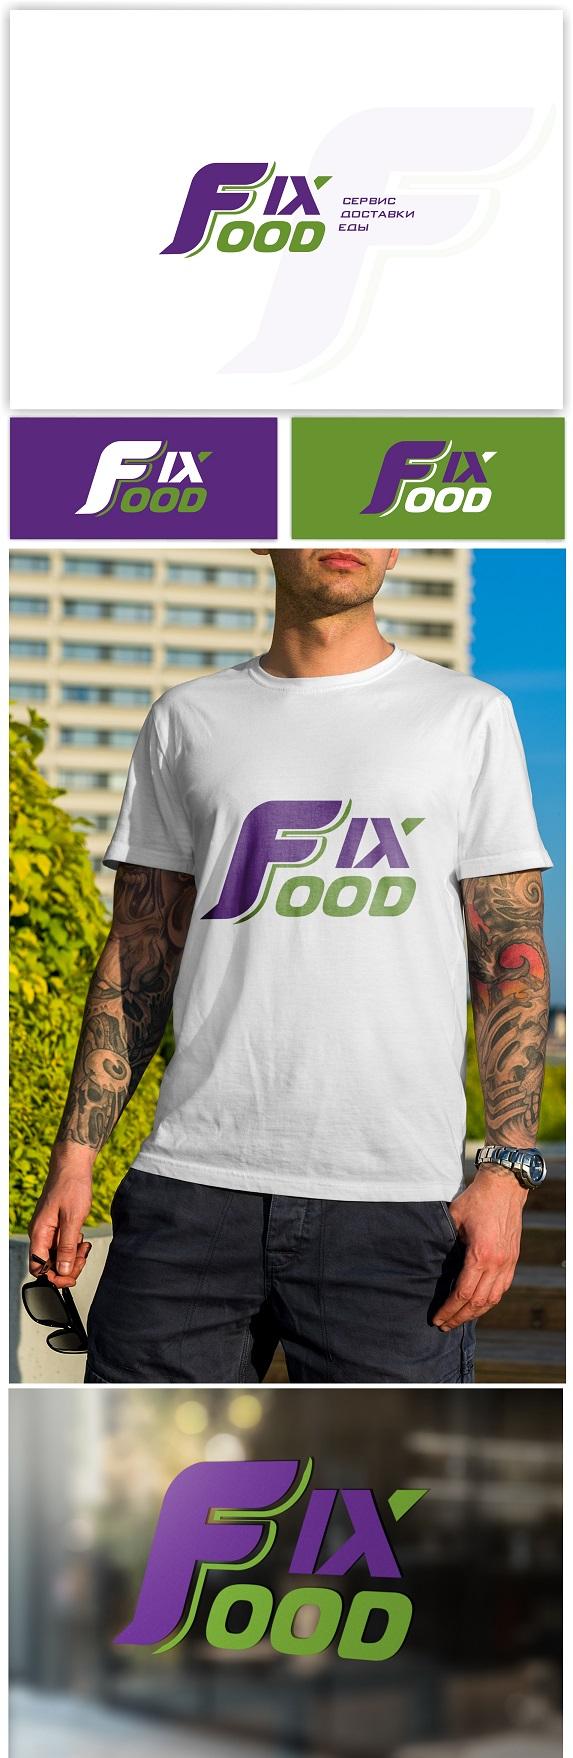 Логотип для доставки еды фото f_2295ecc0b0839a14.jpg